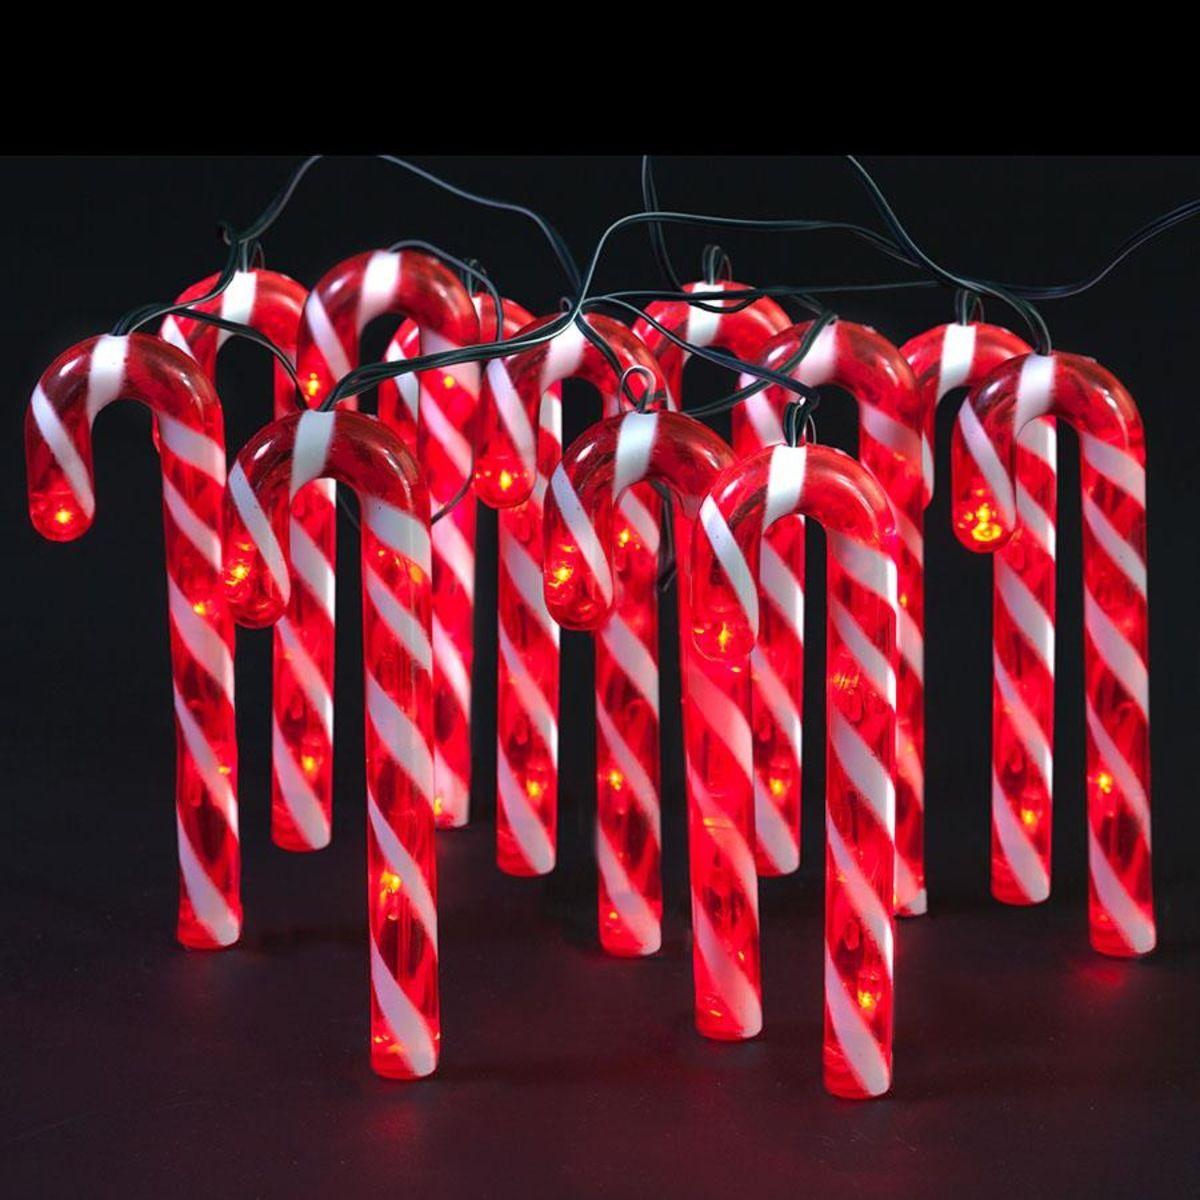 christmas lights - Kmart Christmas Lights